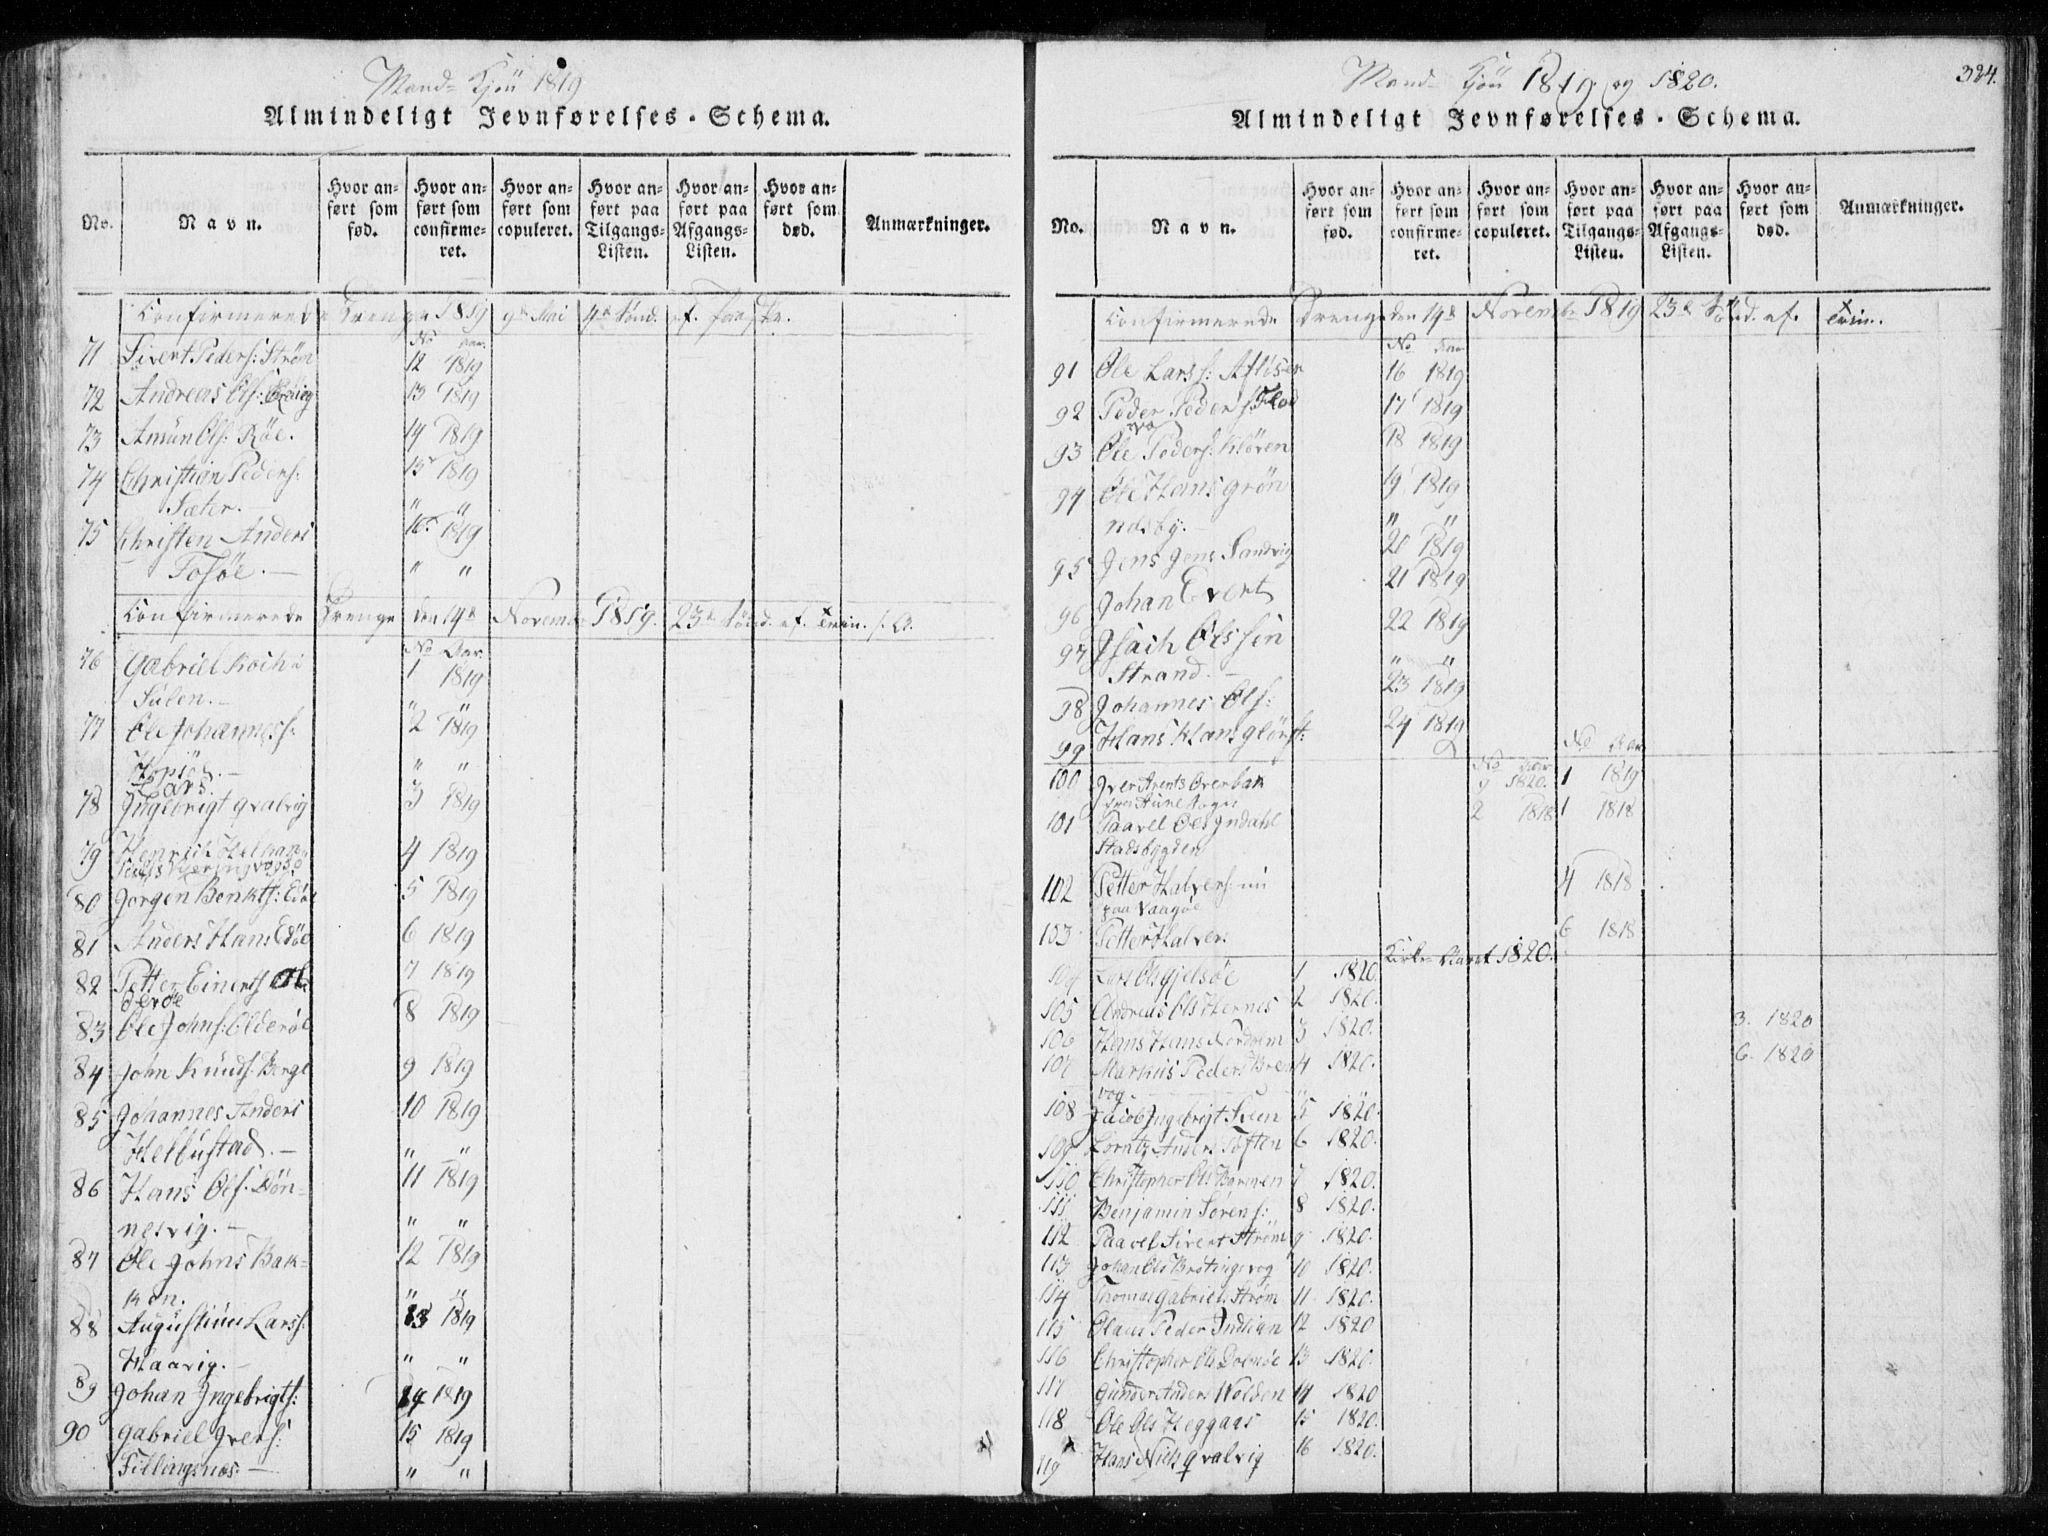 SAT, Ministerialprotokoller, klokkerbøker og fødselsregistre - Sør-Trøndelag, 634/L0527: Ministerialbok nr. 634A03, 1818-1826, s. 324